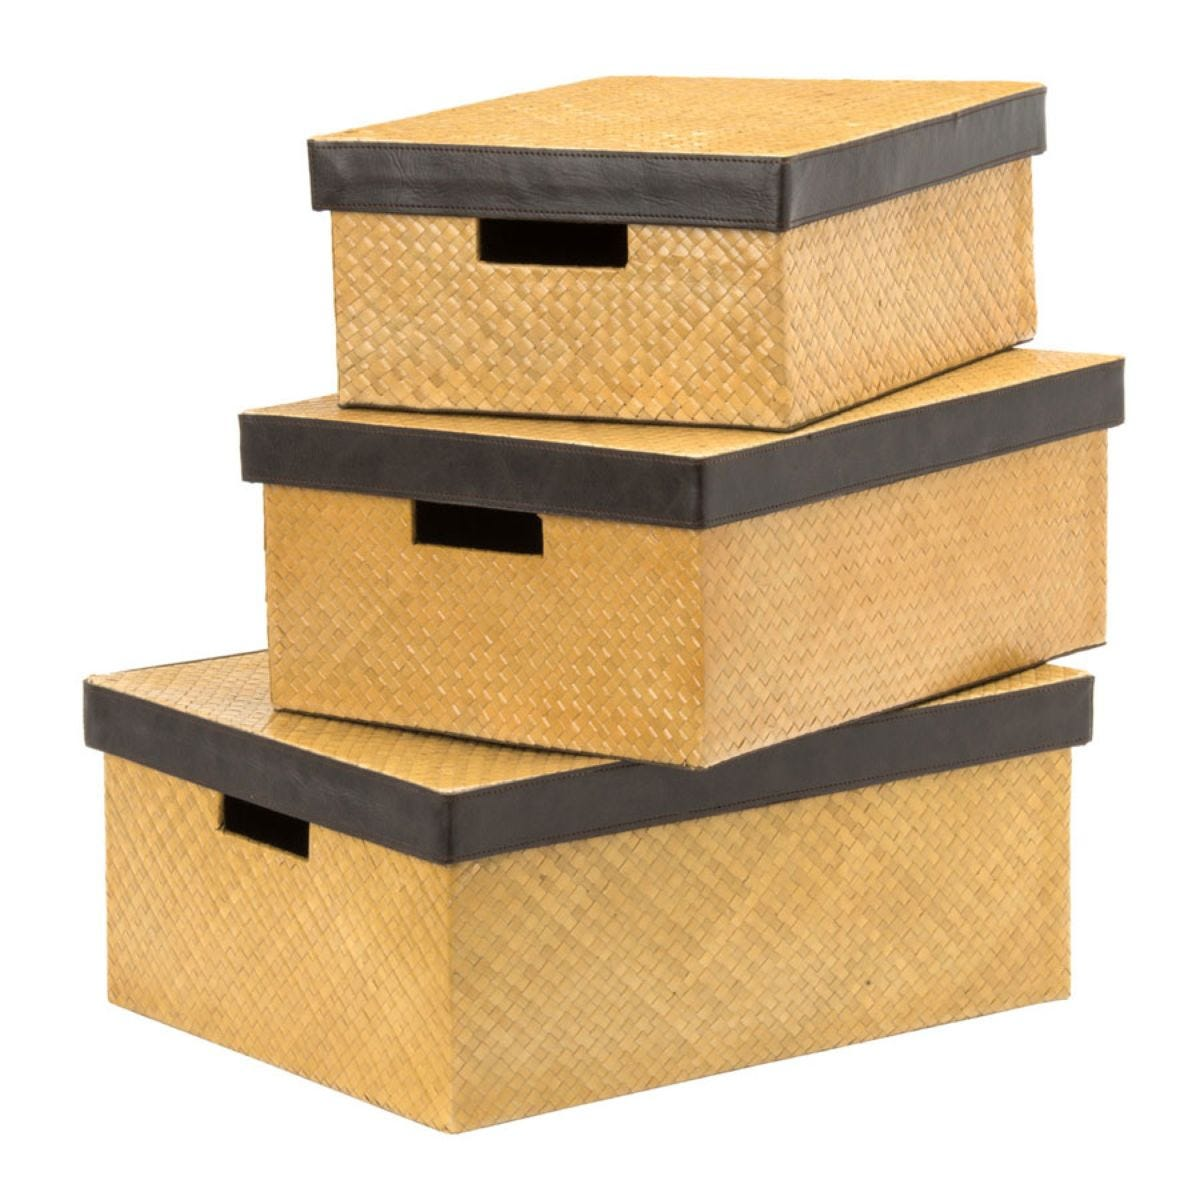 Premier Housewares Set of 3 Pandanus Storage Boxes - Natural